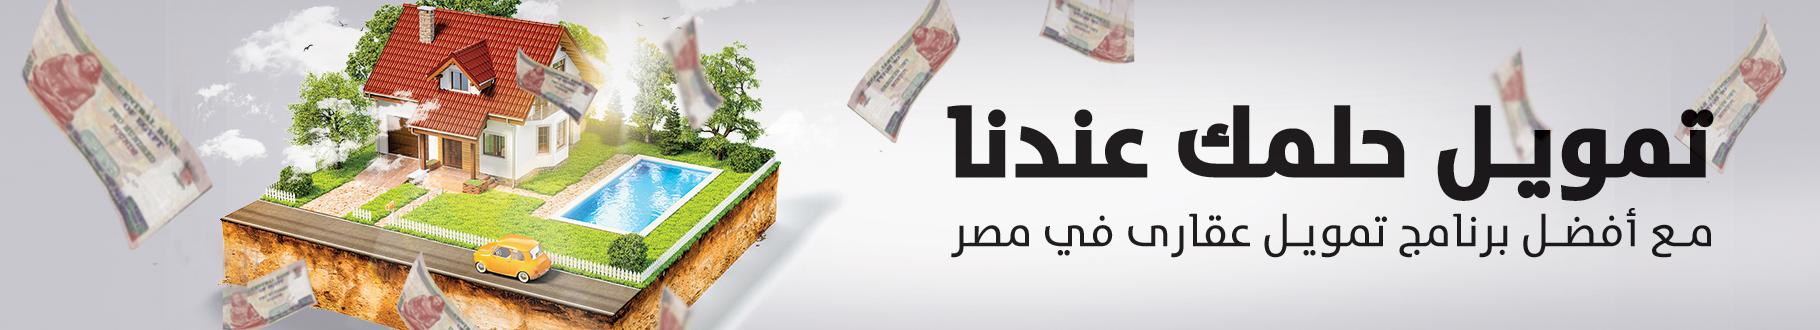 مبادرة البنك المركزي المصري للتمويل العقاري